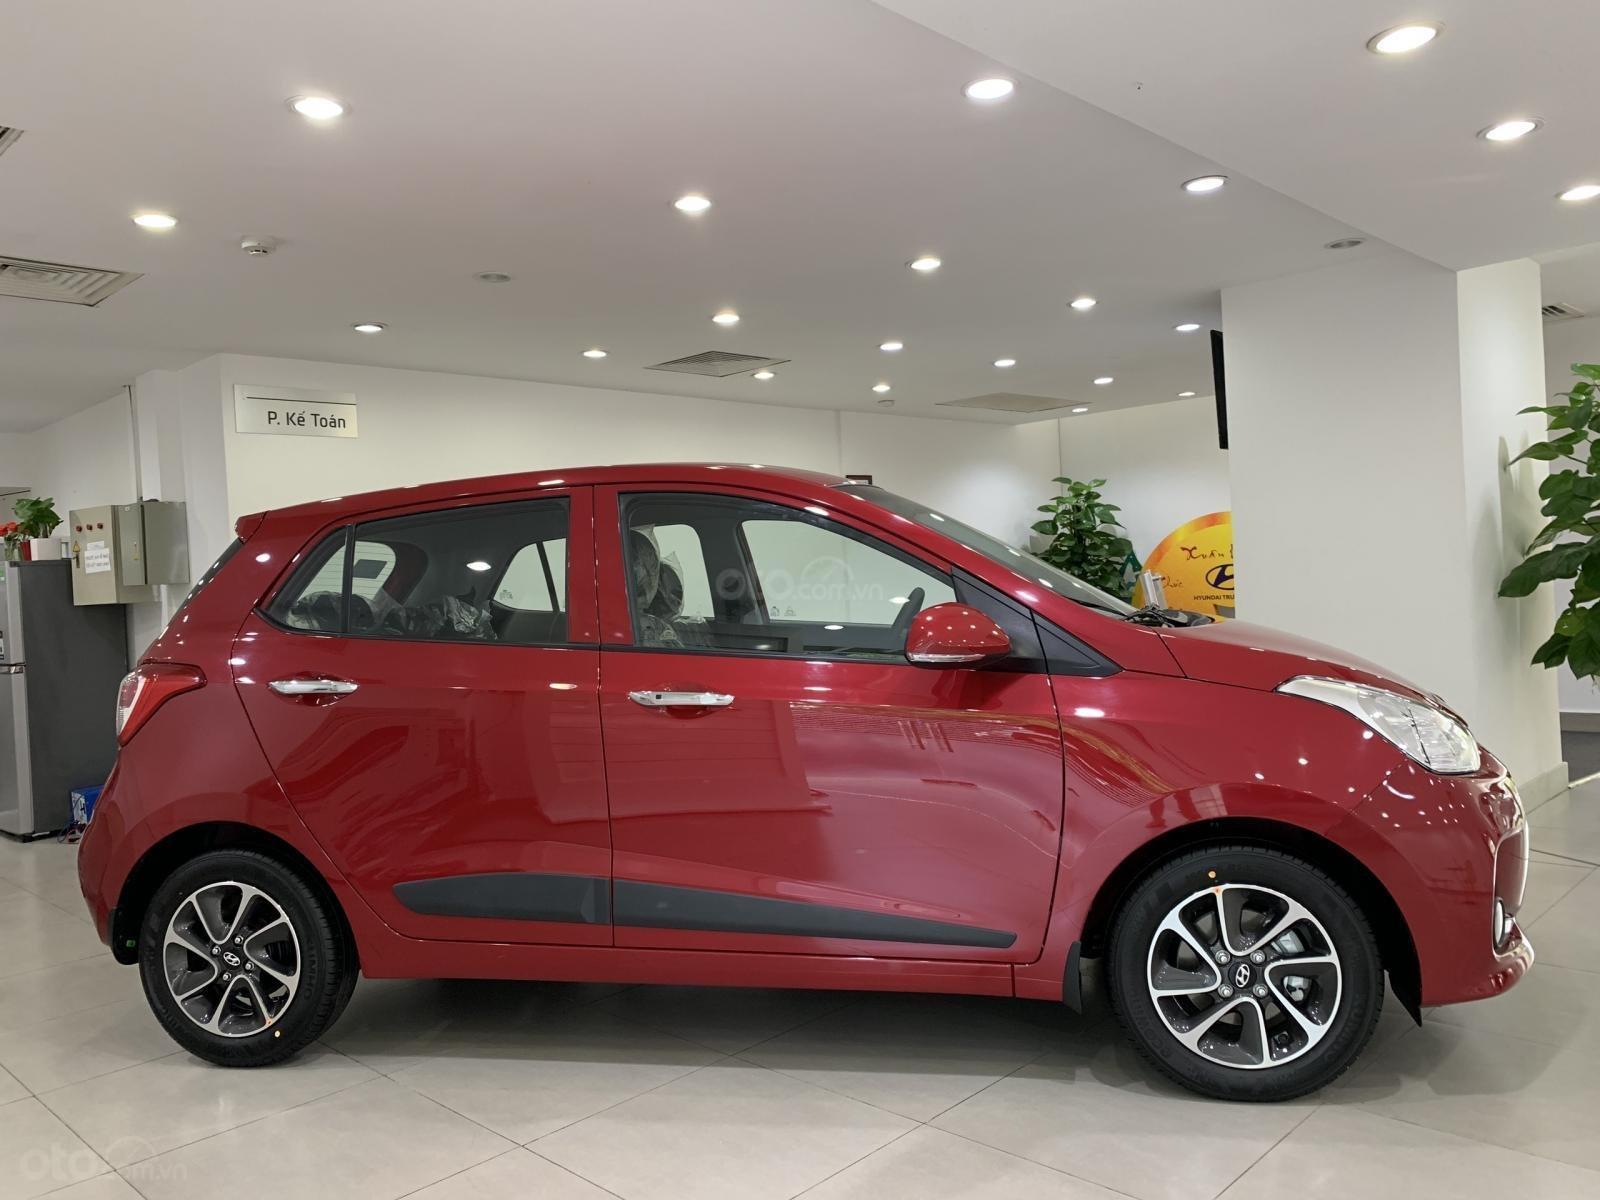 Bán Hyundai Grand I10 bán đúng giá - nhiều quà - hỗ trợ vay linh hoạt - hỗ trợ vào Grab nhanh (2)